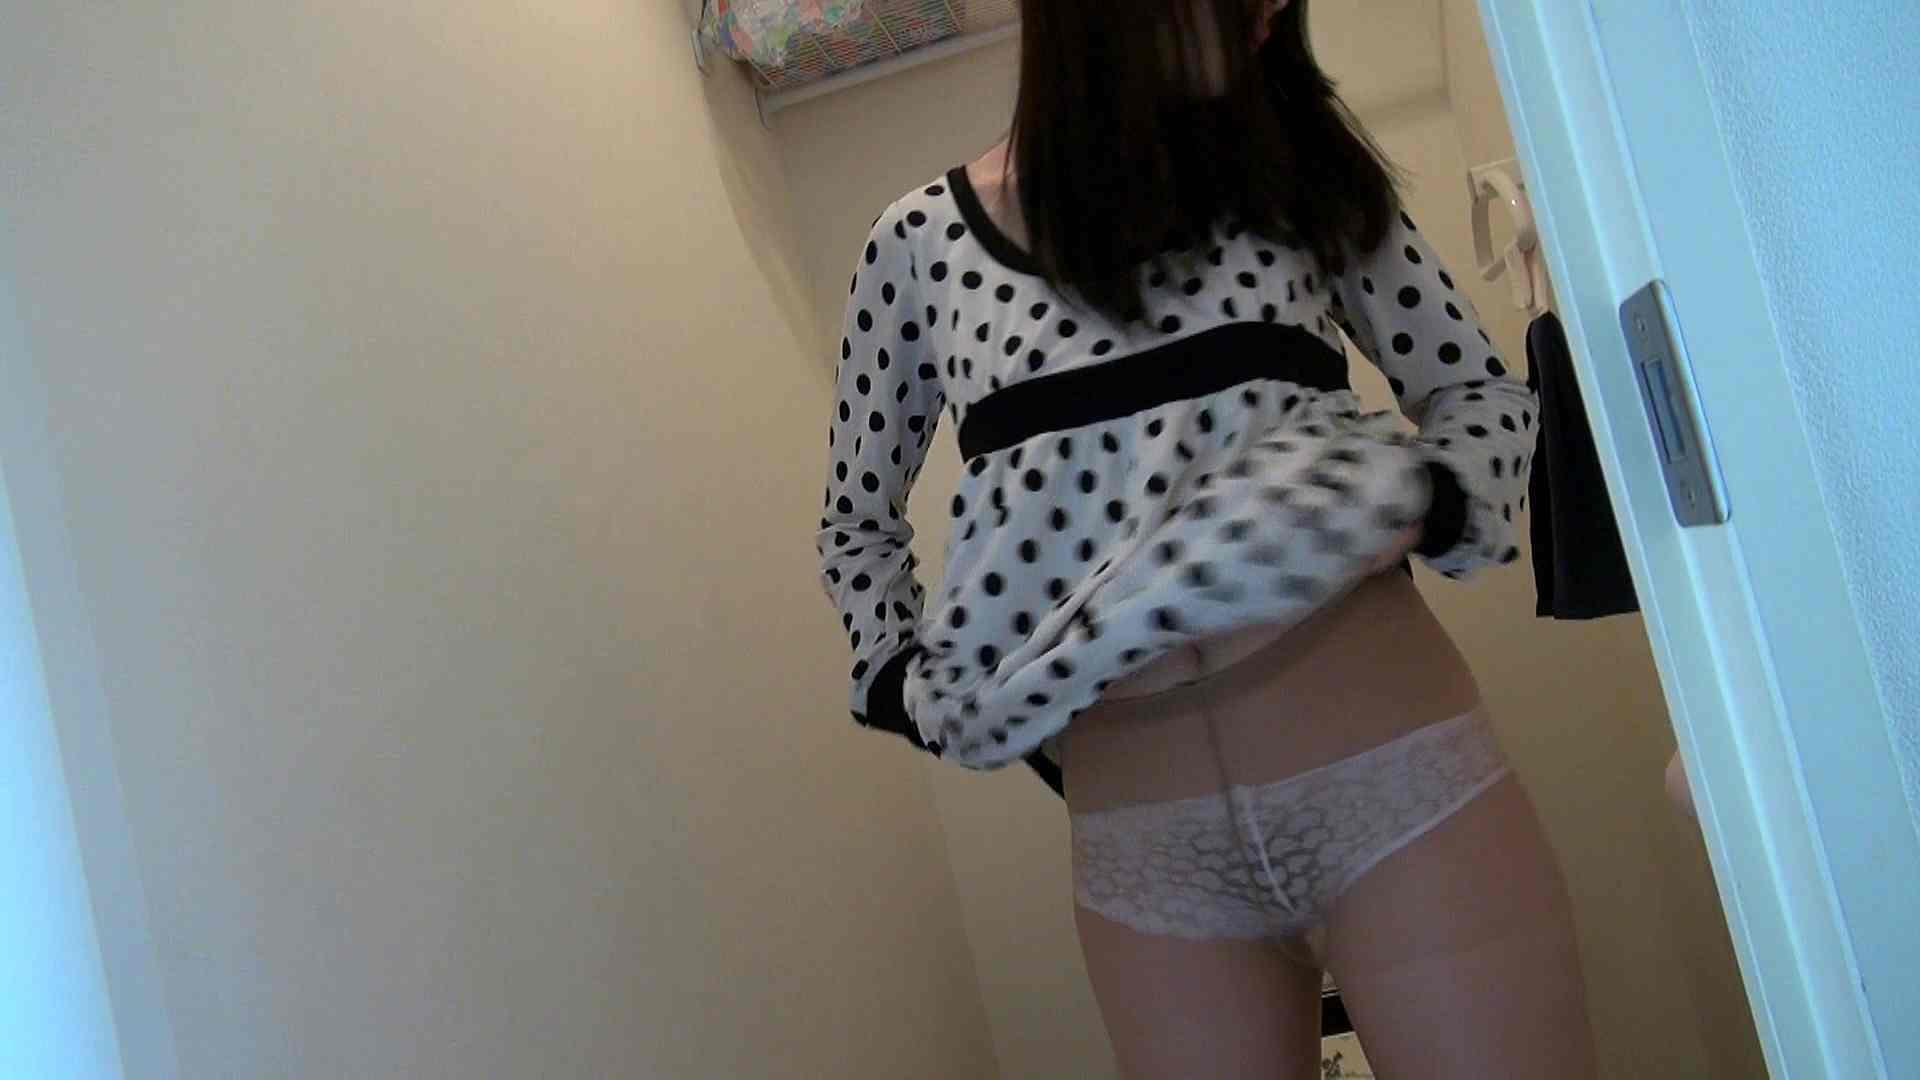 志穂さんにお手洗いに行ってもらいましょう 0 | 0  89画像 79